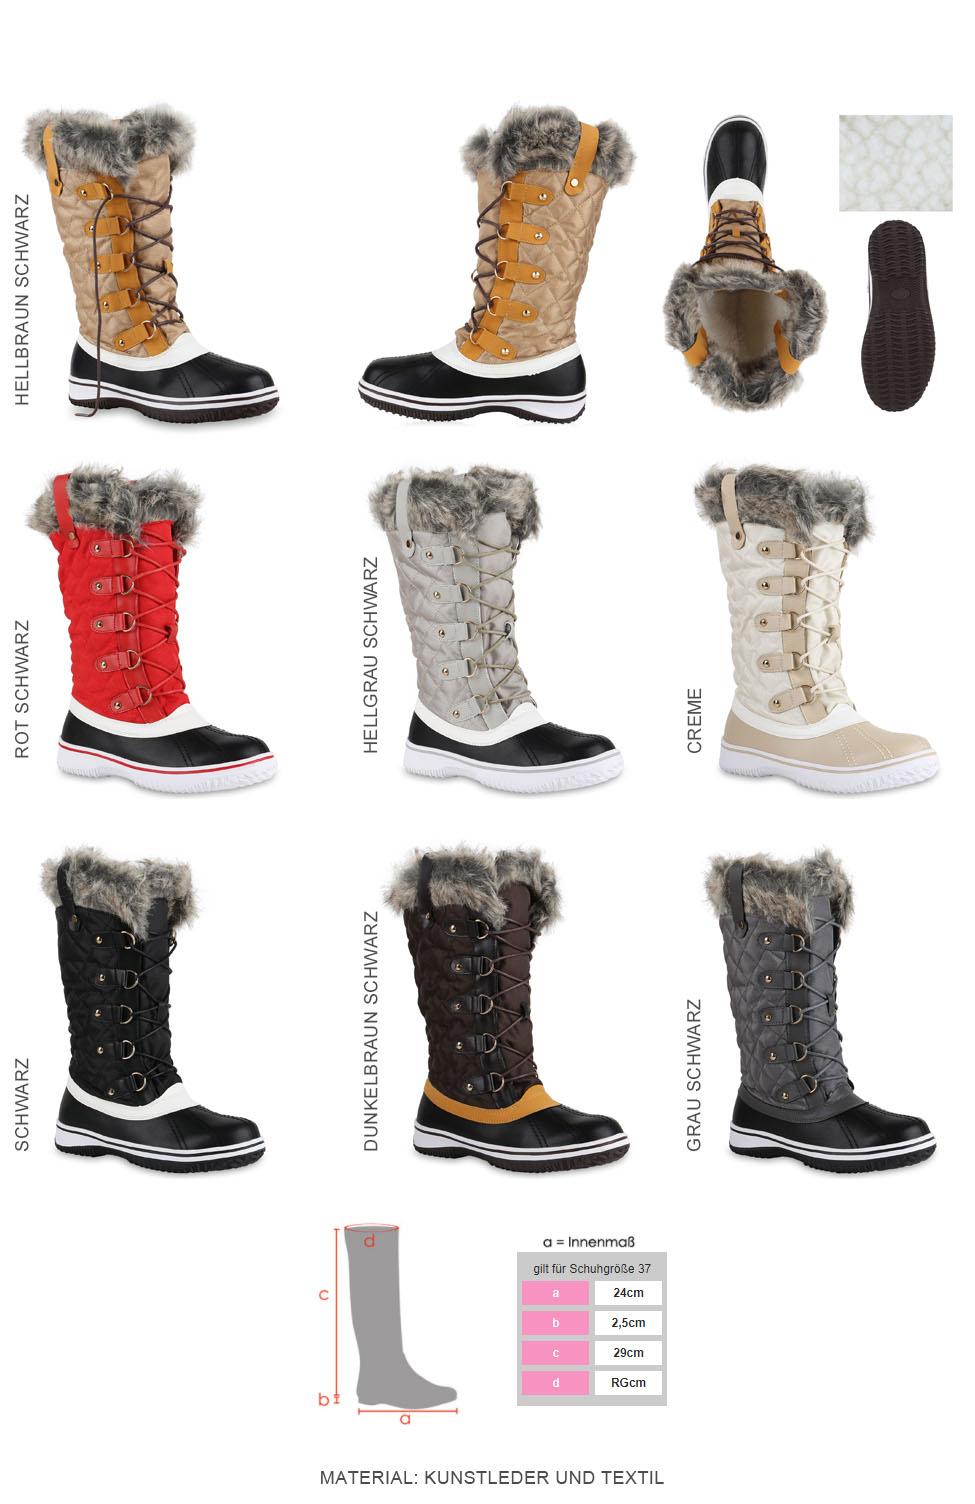 Details zu 892966 Warm Gefütterte Damen Stiefel Winterstiefel Snow Boots Schuhe Mode